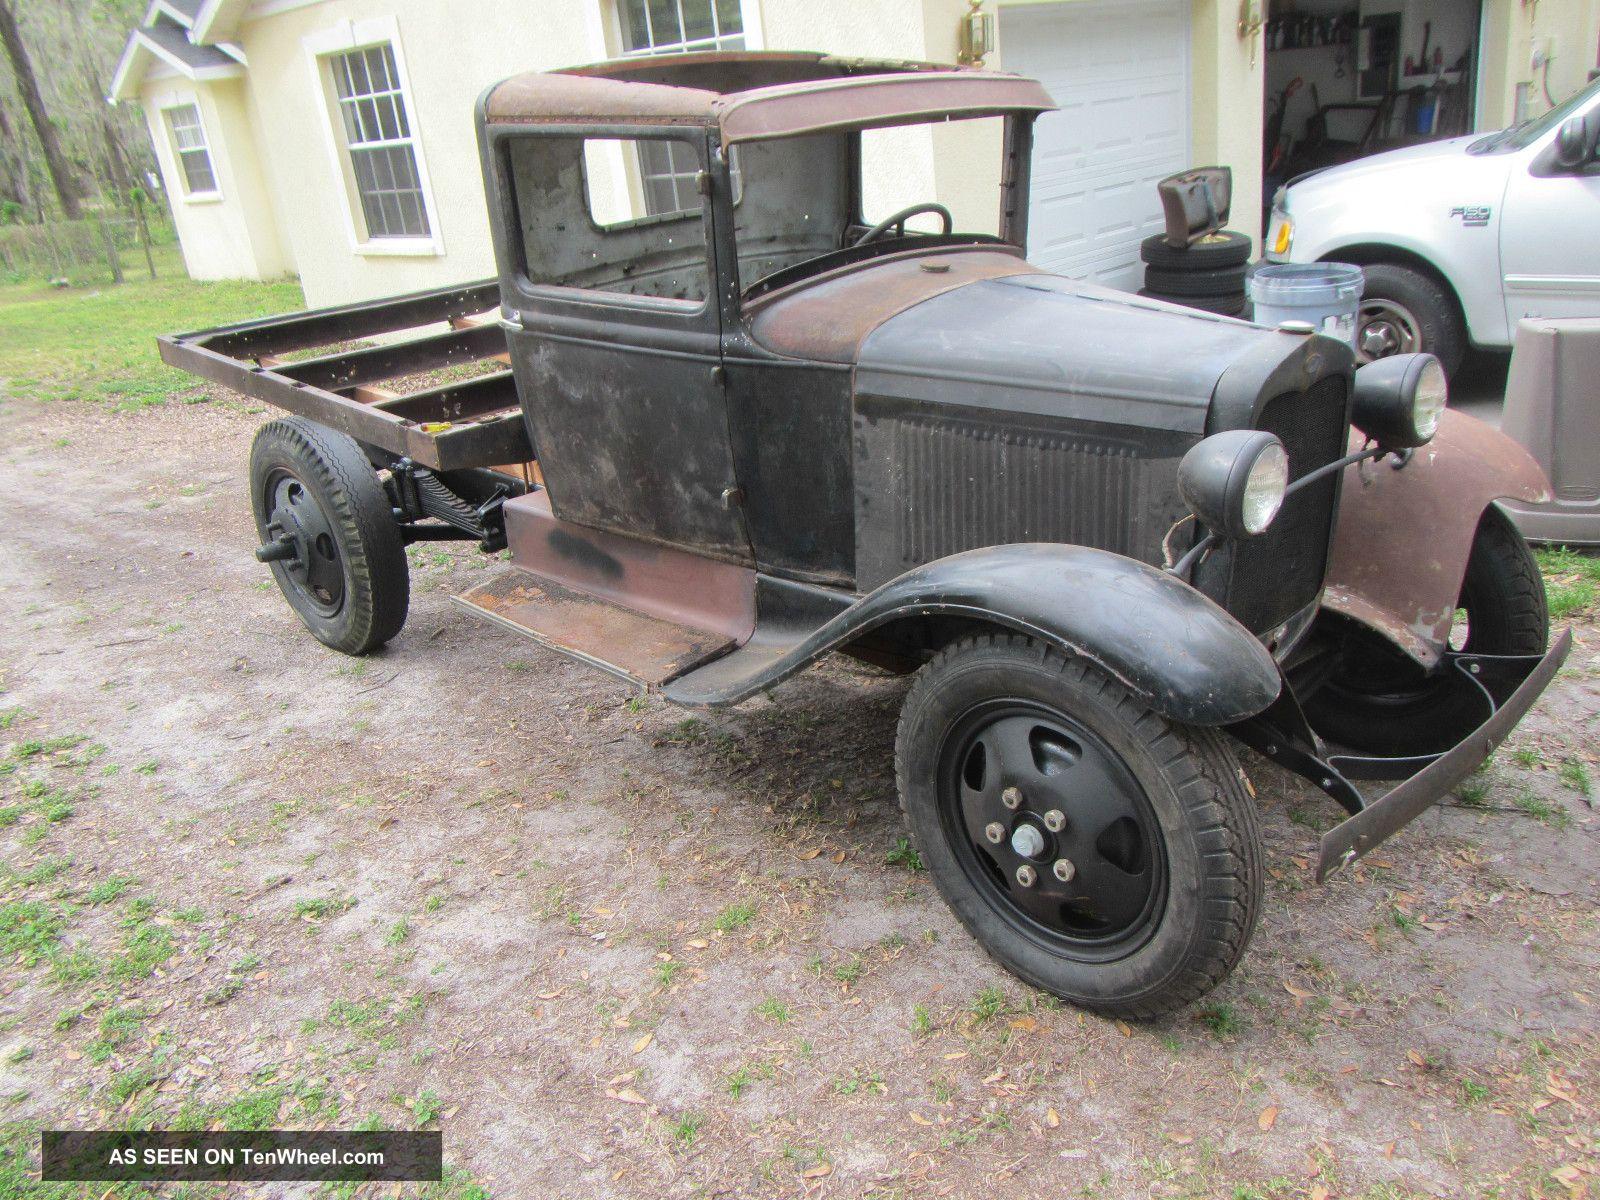 1930 Model A Aa Ford Truck Project Ratrod Rat Rod Hot Rod Hotrod